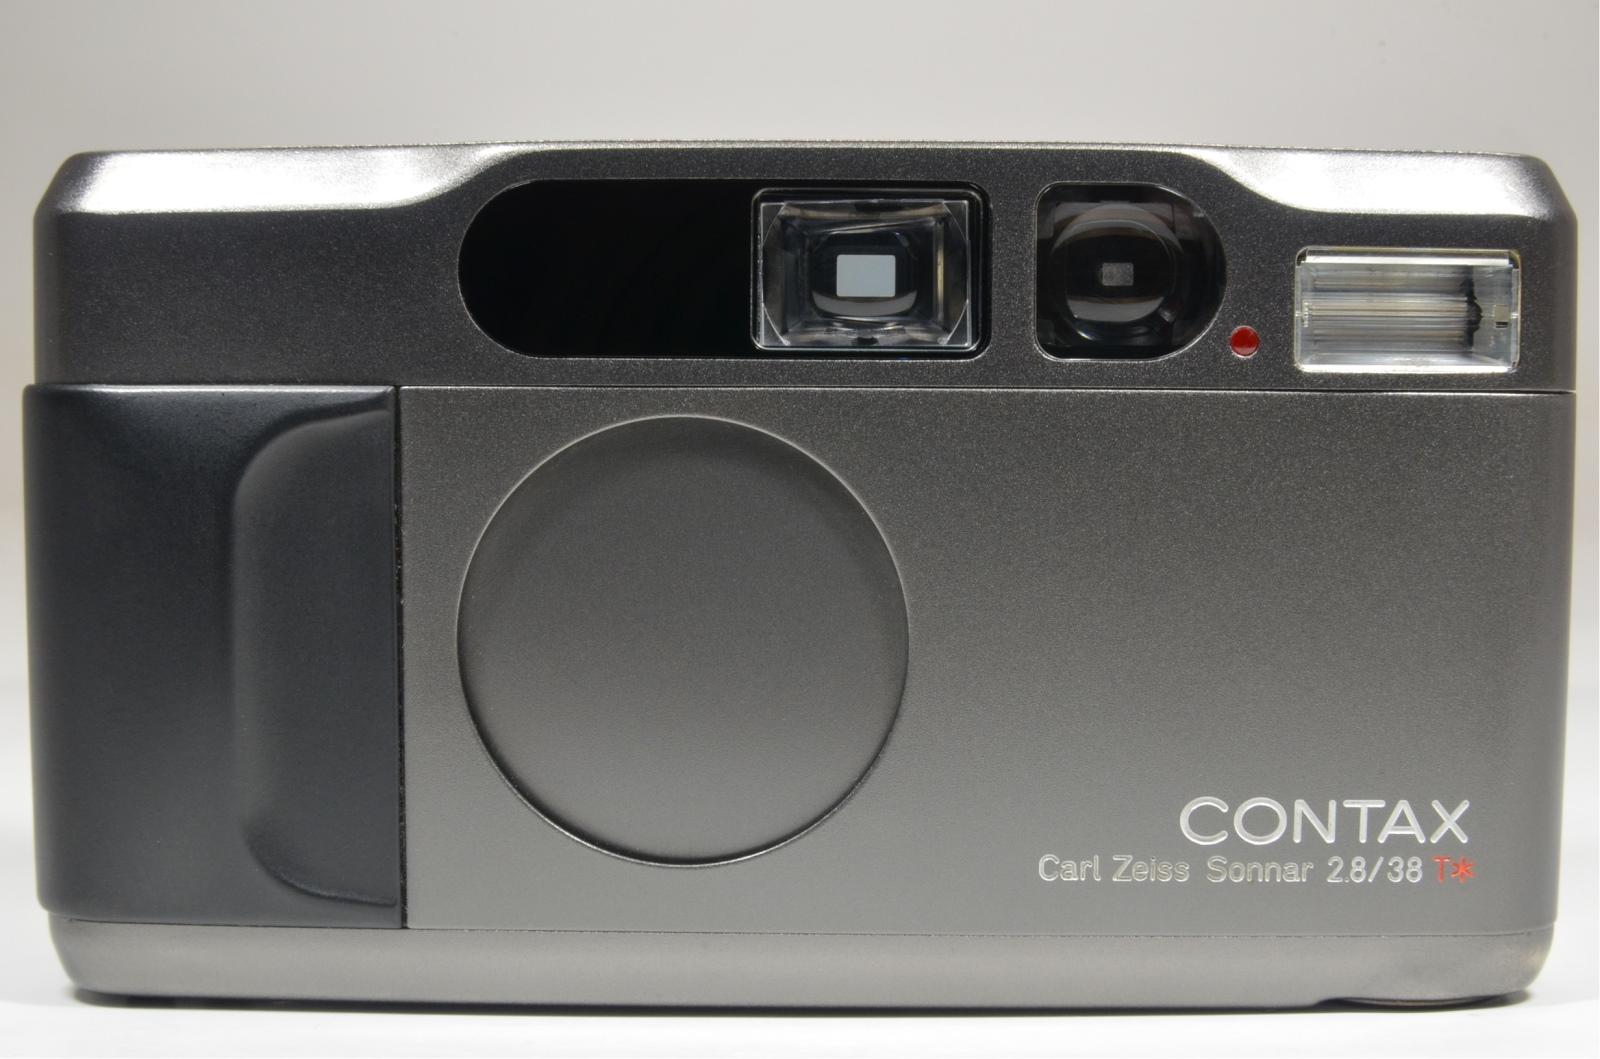 contax t2 data back titanium black p&s 35mm film camera